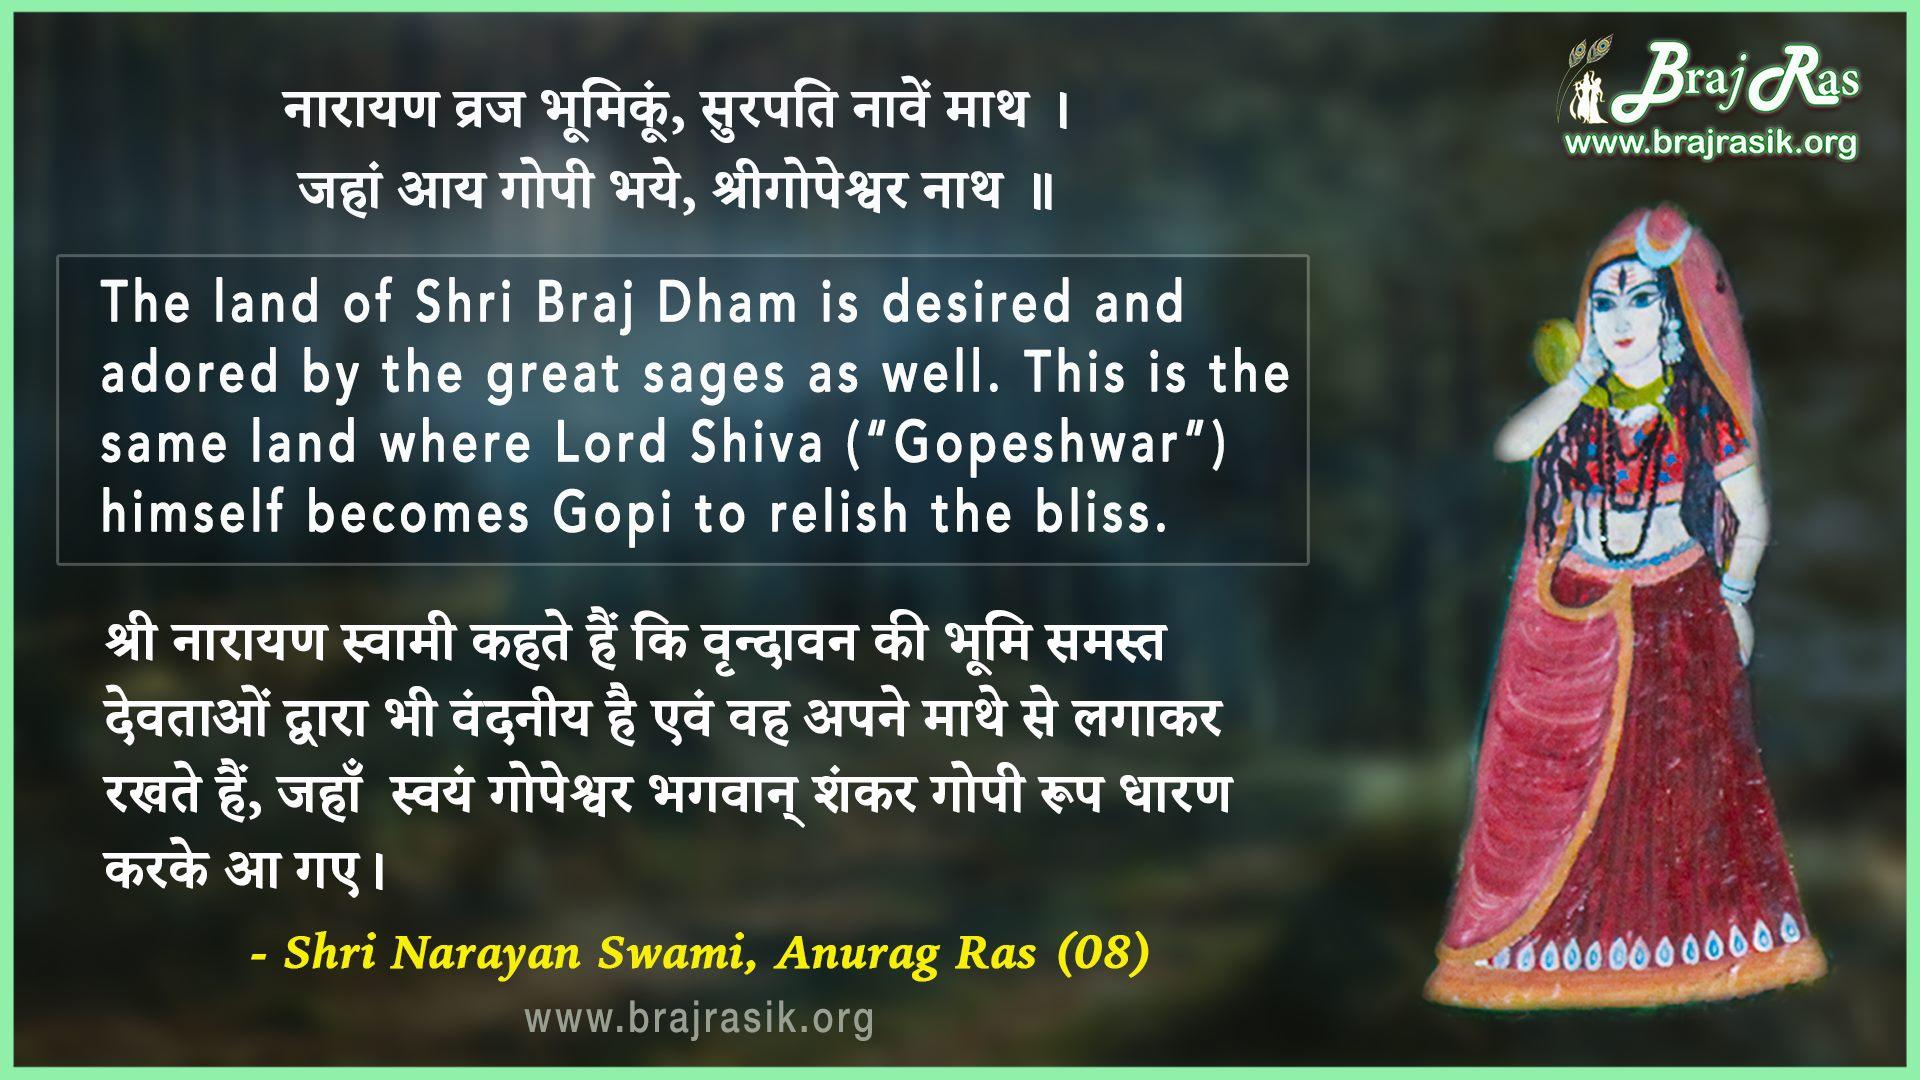 Narayan Vraj Bhoomikun, Surapati Naaven Math - Shri Narayan Swami, Anurag Ras (08)